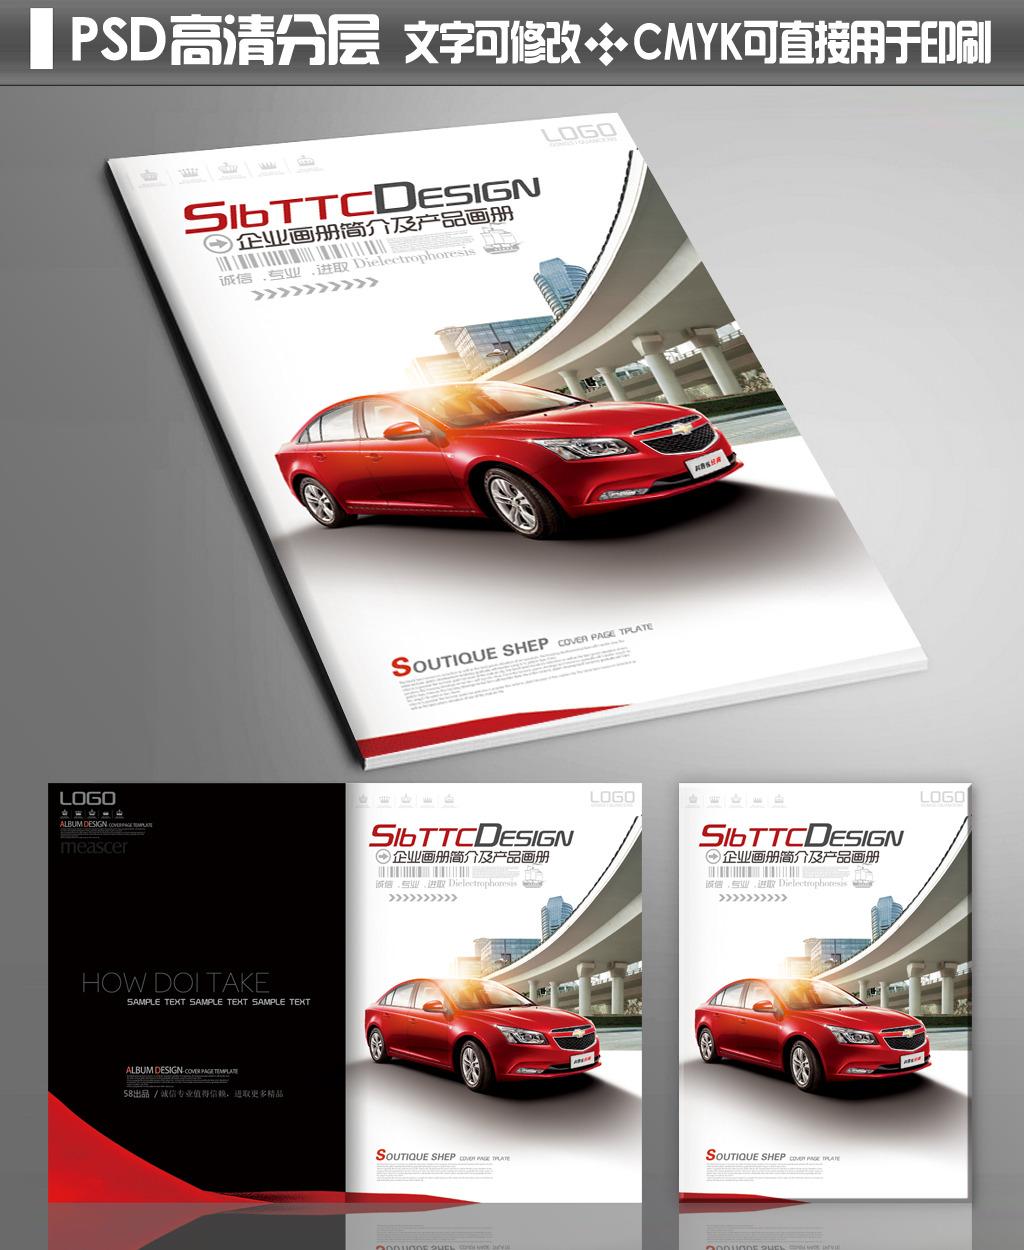 运输画册 运输公司画册 汽车用品公司 汽车俱乐部 企业画册 宣传画册